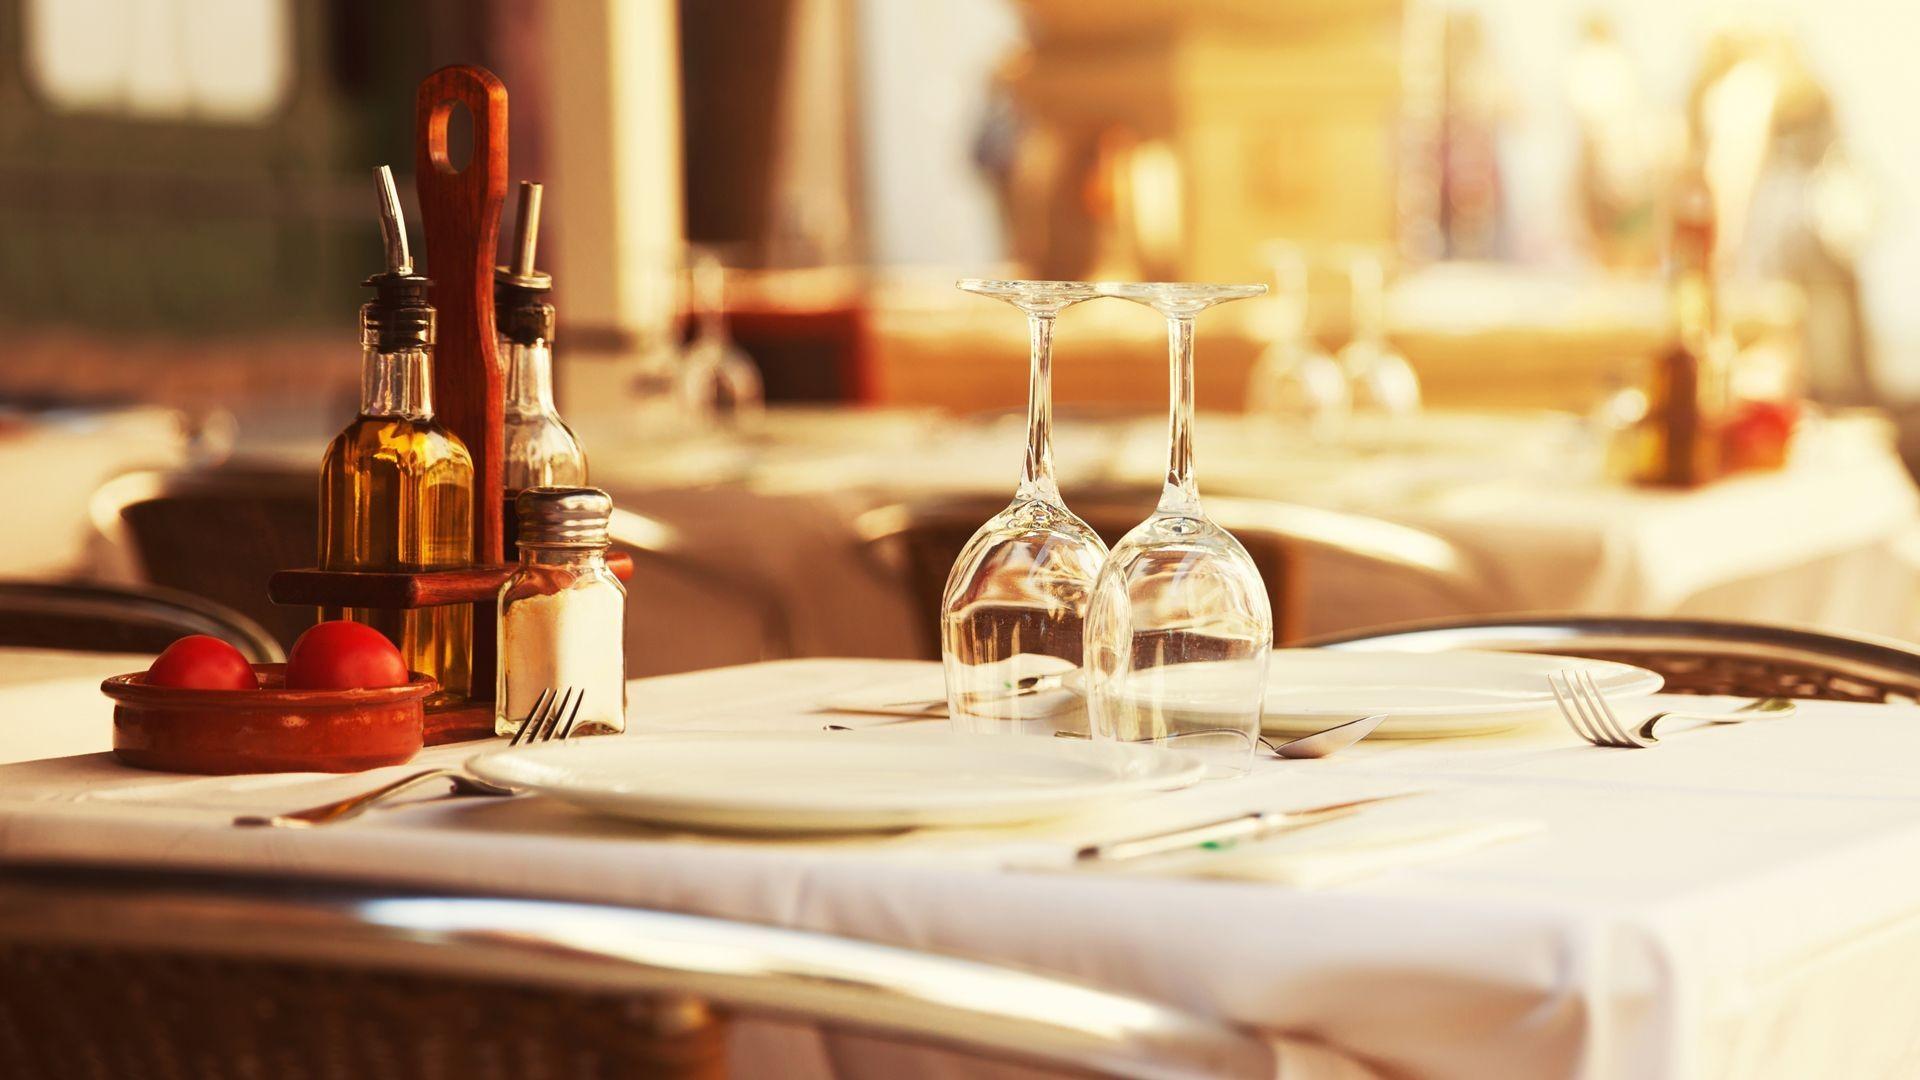 Restaurante en Barcelona con especialidad en platos a la brasa